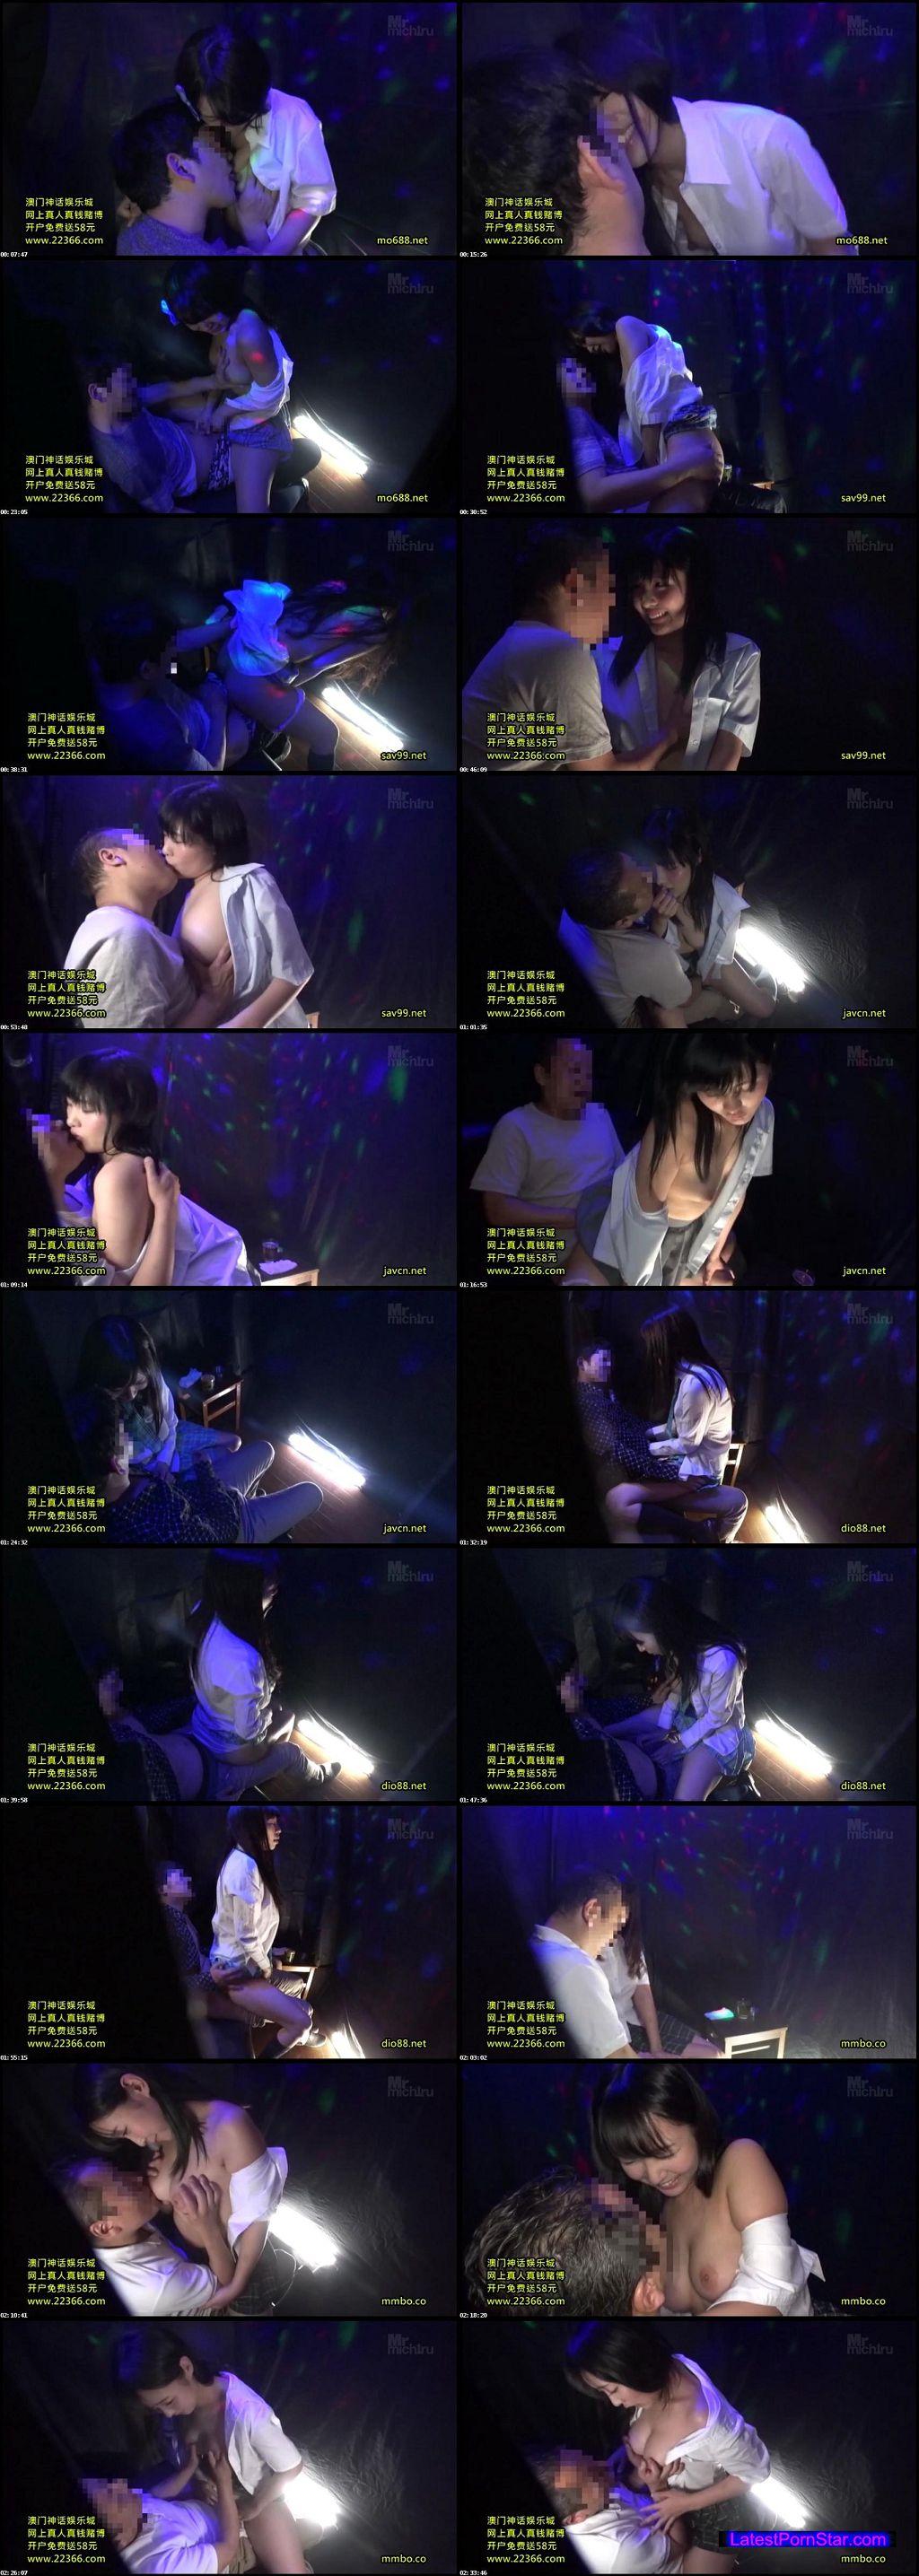 [MIST-127] 日本最大の繁華街にある「老舗おっぱいパブ」では新人嬢がベテラン嬢から客を奪うために内緒でセックスさせてくれる。しかも生で。6